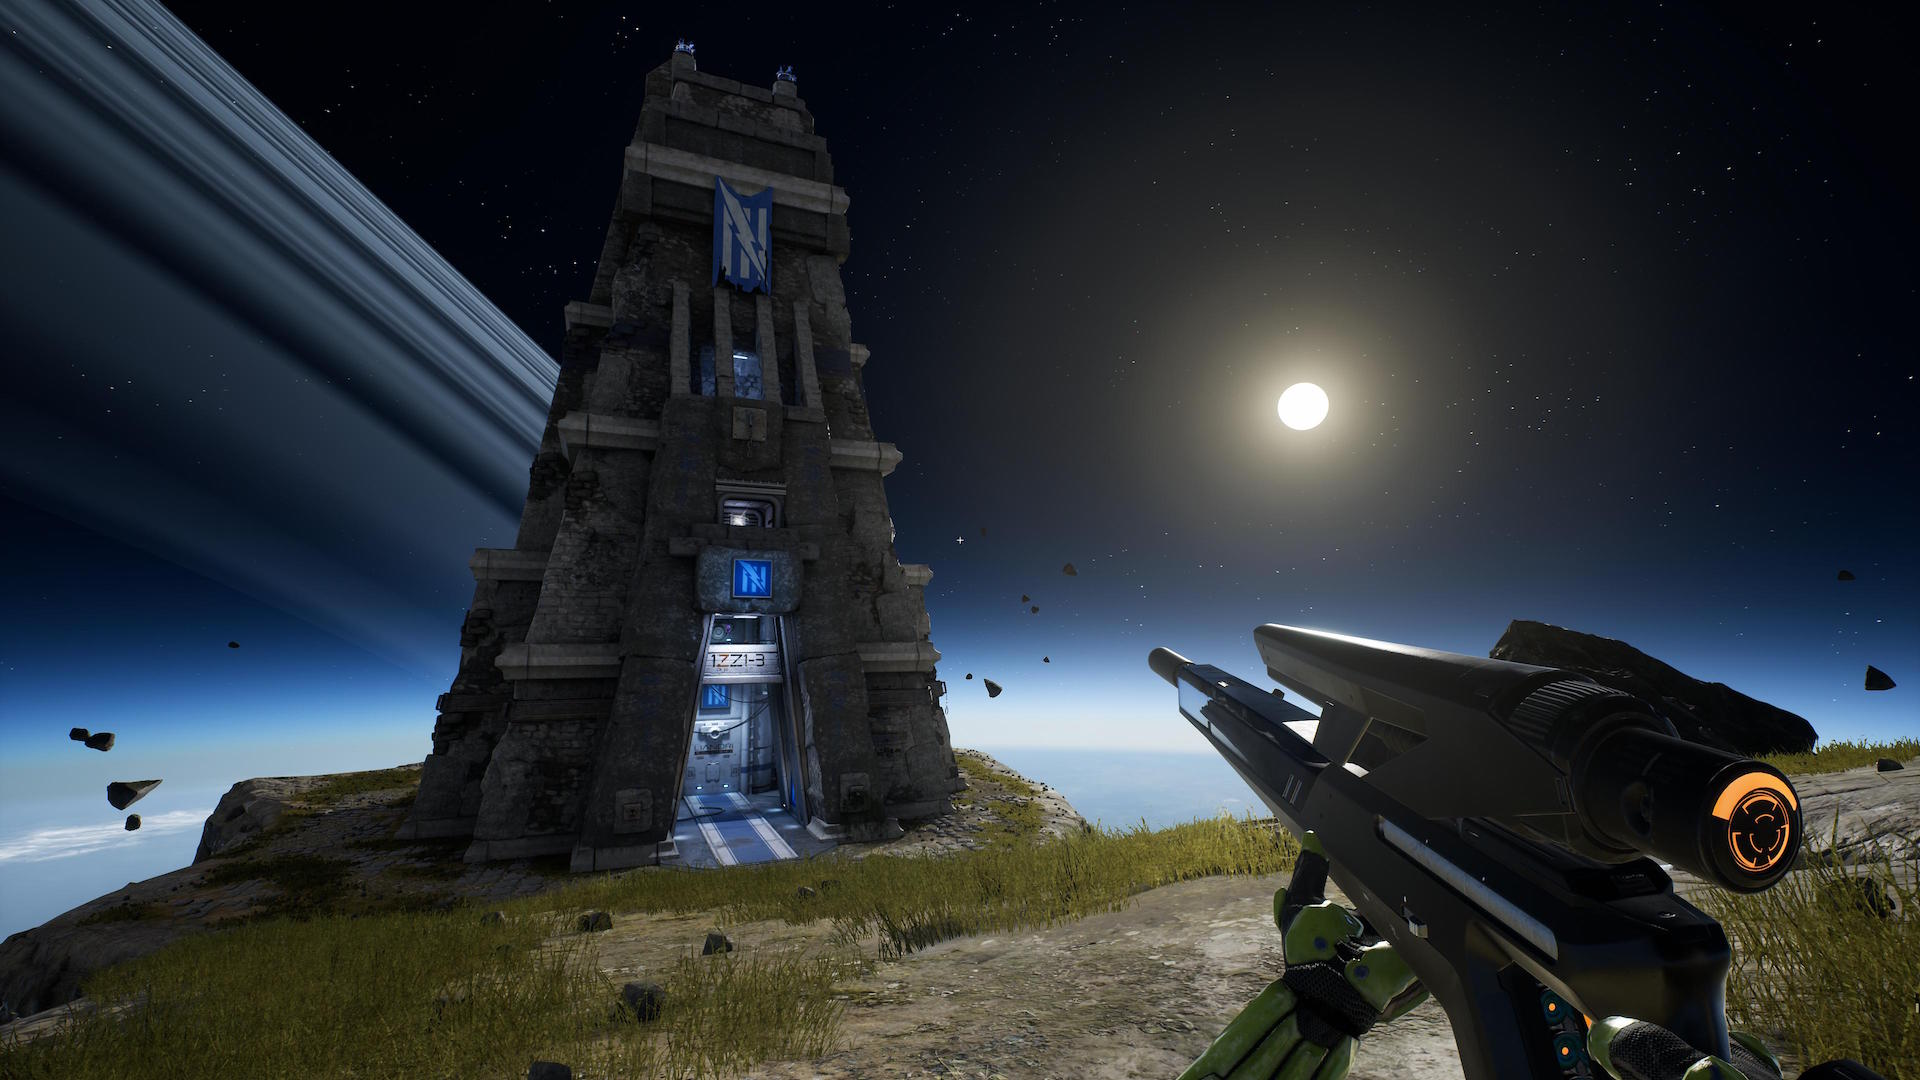 Unreal Tournament verlegt die Schauplätze in den Kosmos, fantasievolle Burgen oder Fantasiewelten. (Bild: Epic)